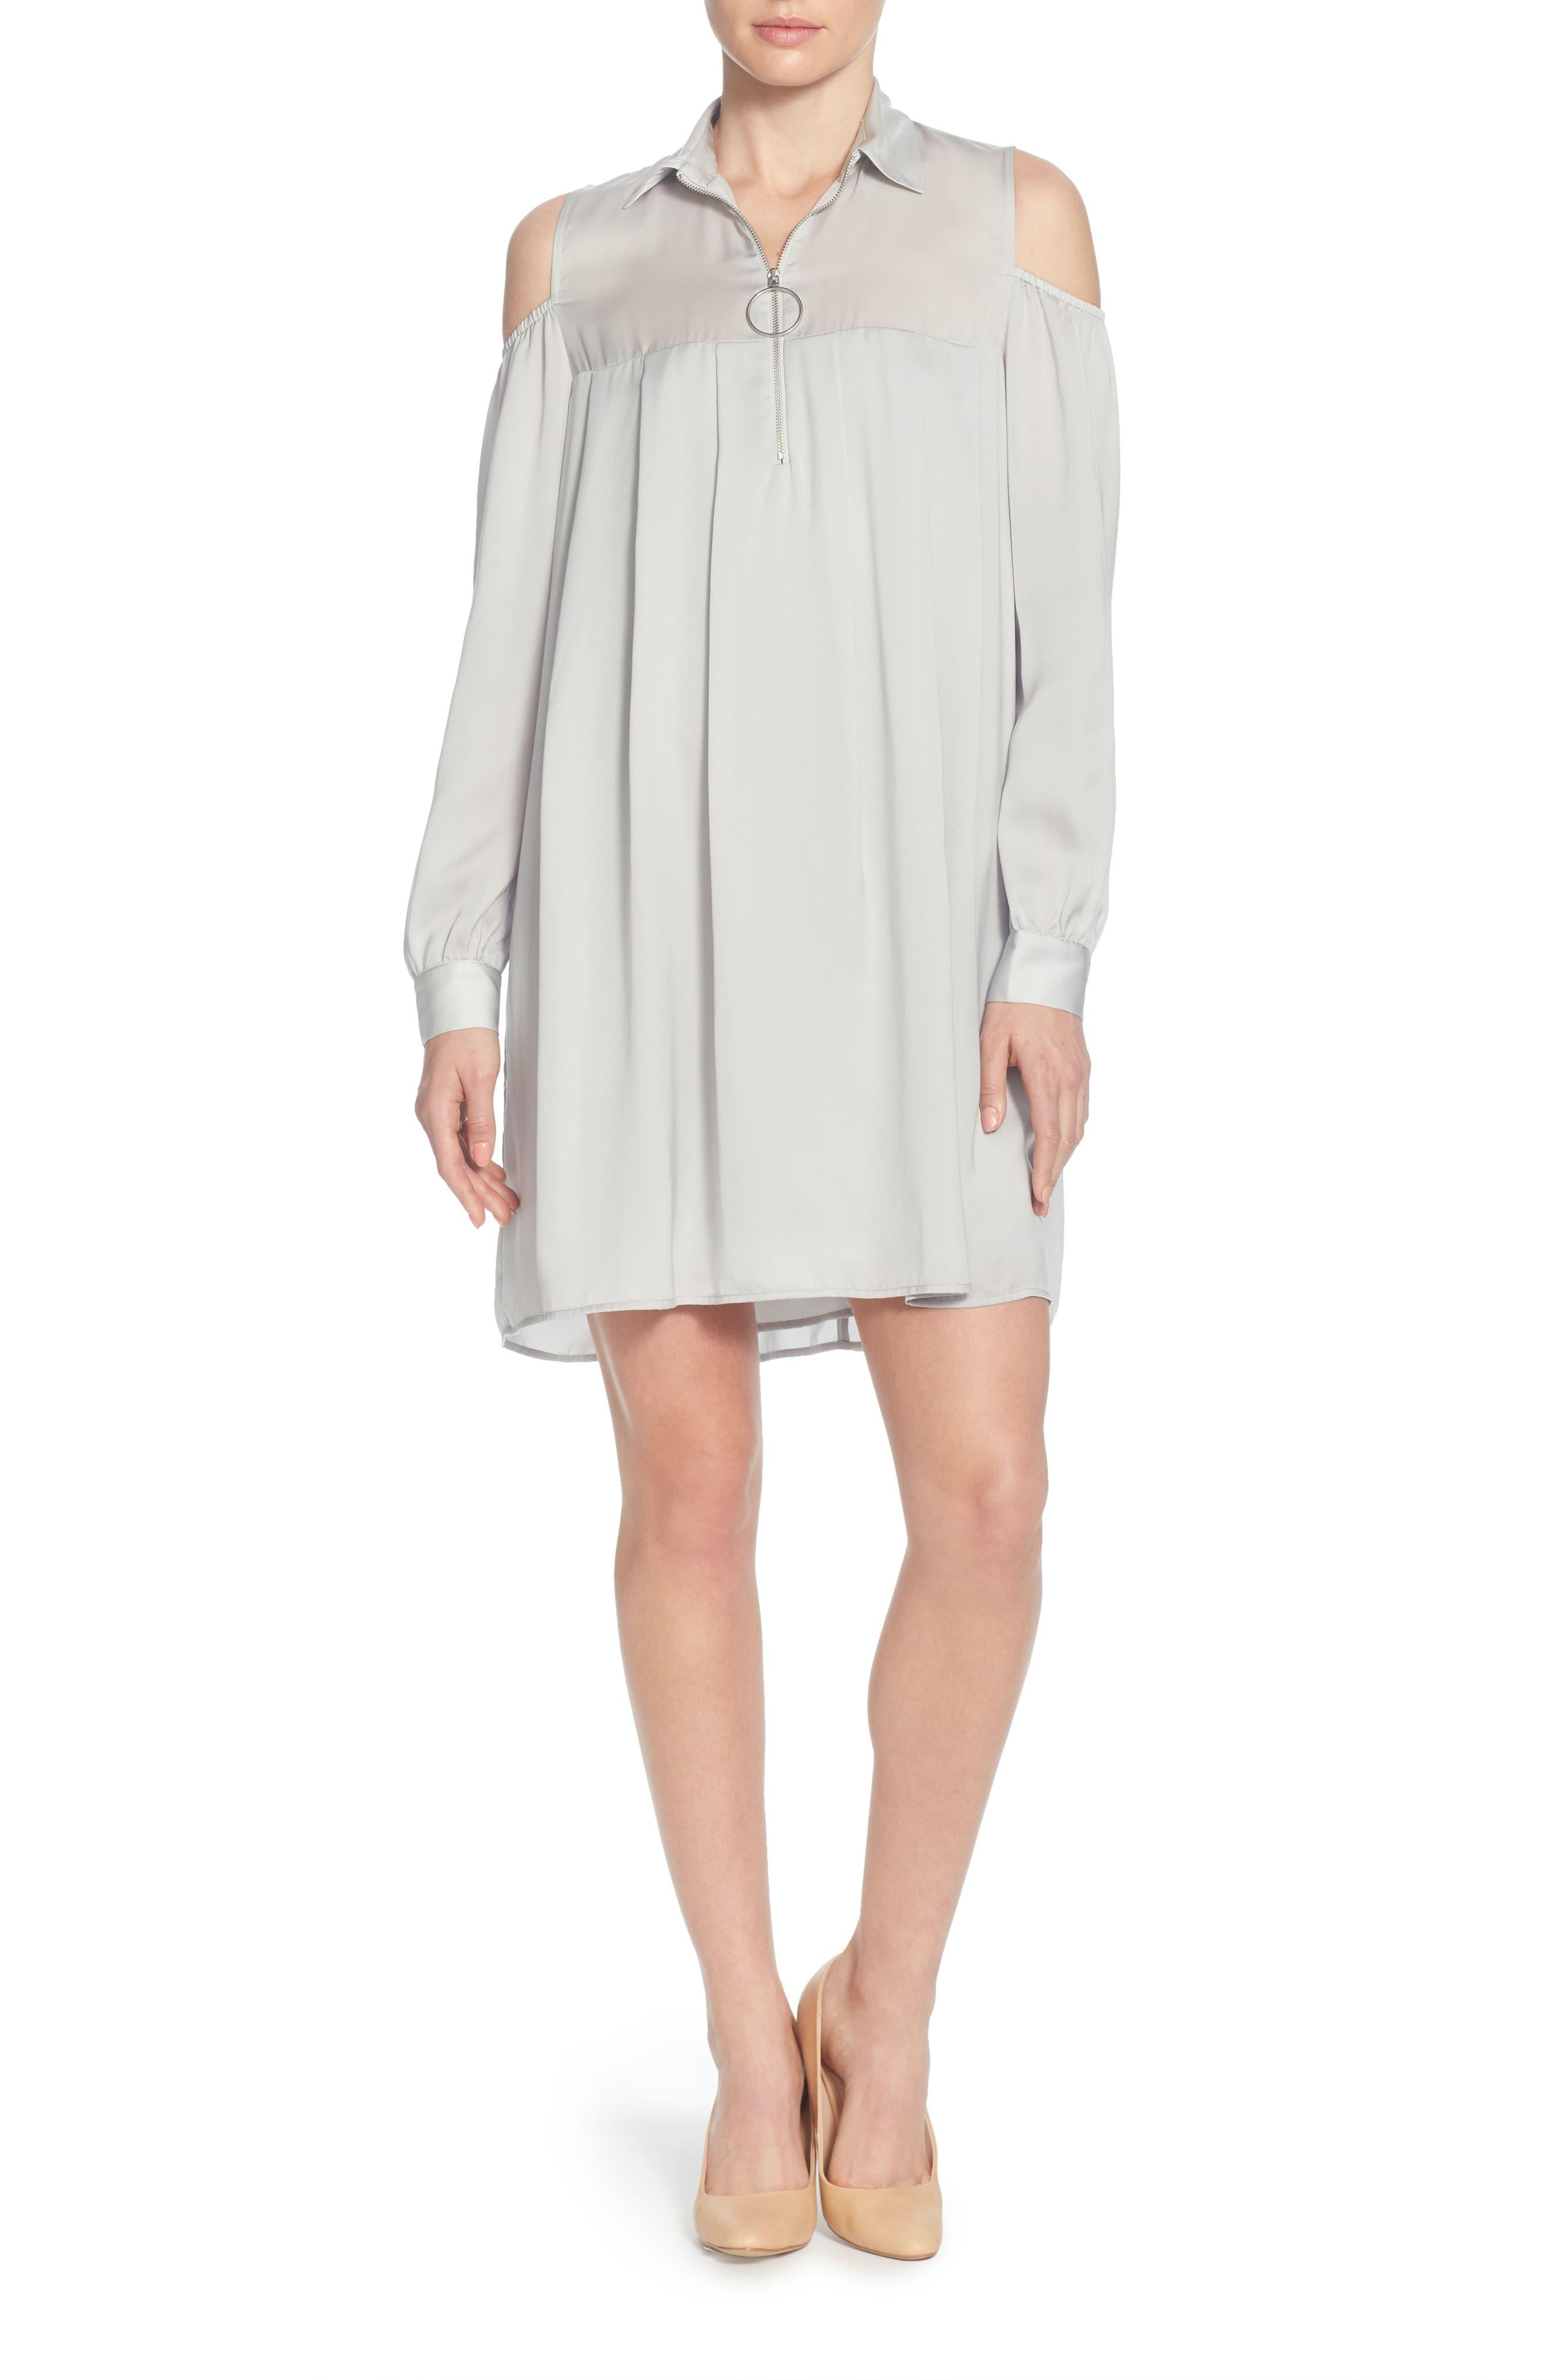 Massima Cold Shoulder Dress,                             Main thumbnail 1, color,                             Grey